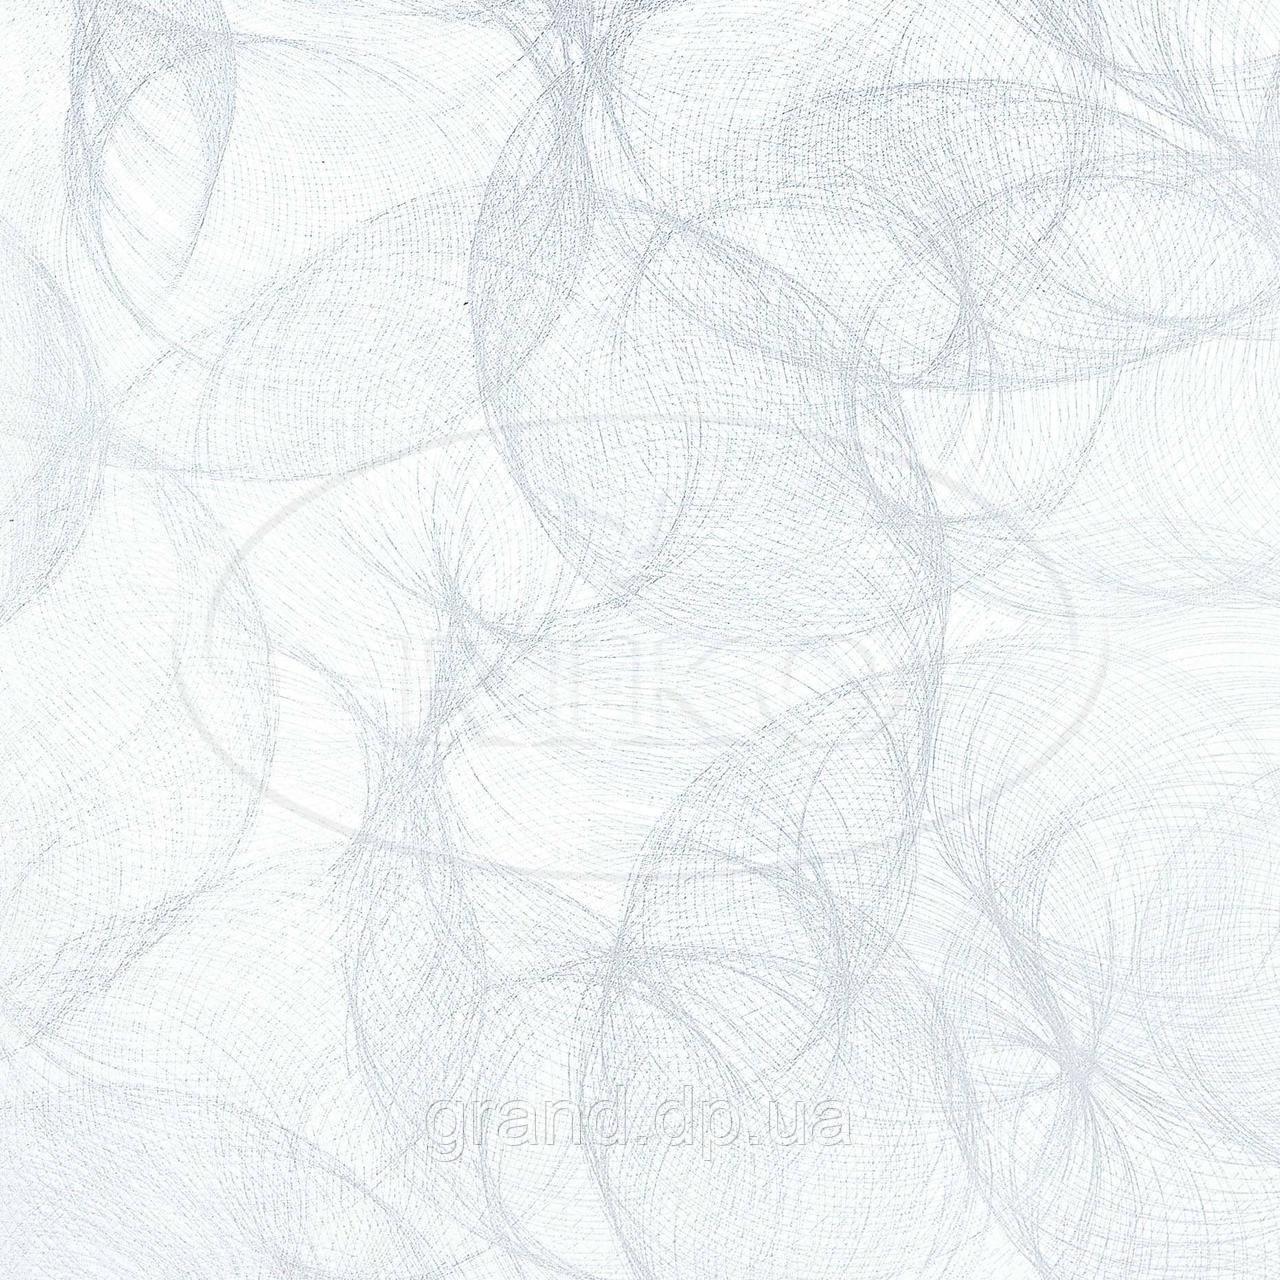 Пластиковые декоративные ламинированные бесшовные панели ПВХ Рико(Riko) 250*8*2700мм Грация